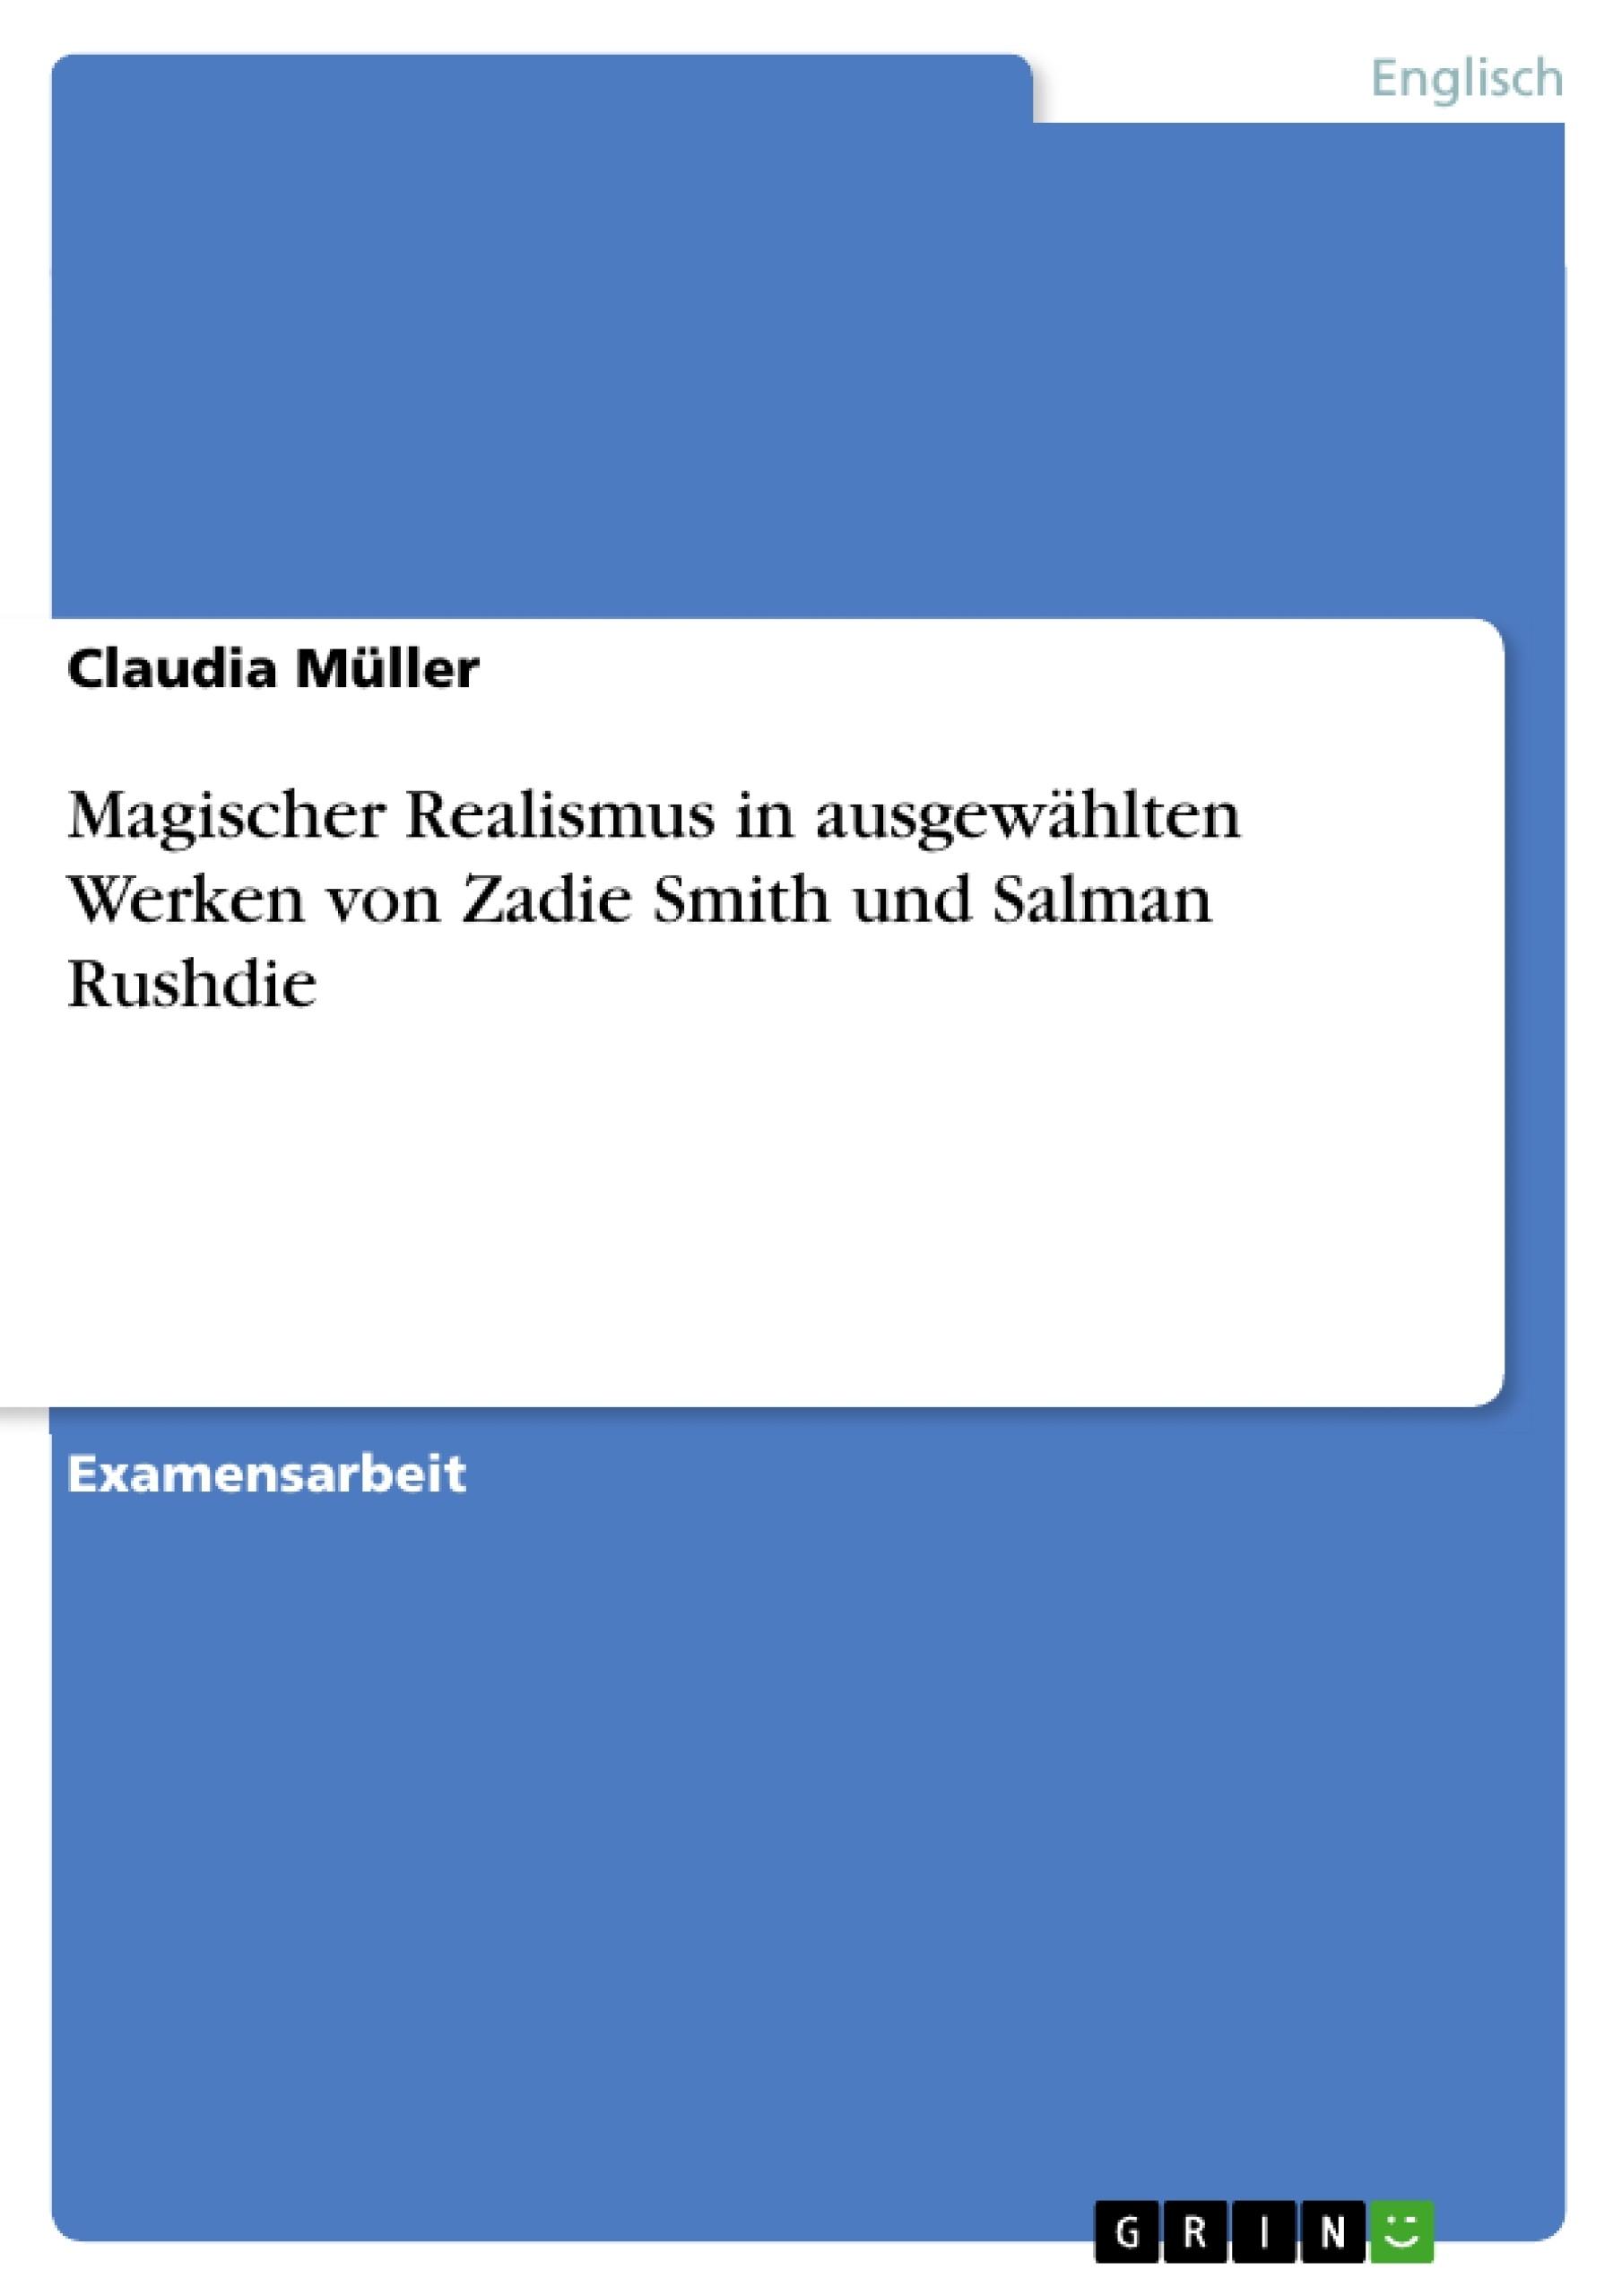 Titel: Magischer Realismus in ausgewählten Werken von  Zadie Smith und Salman Rushdie